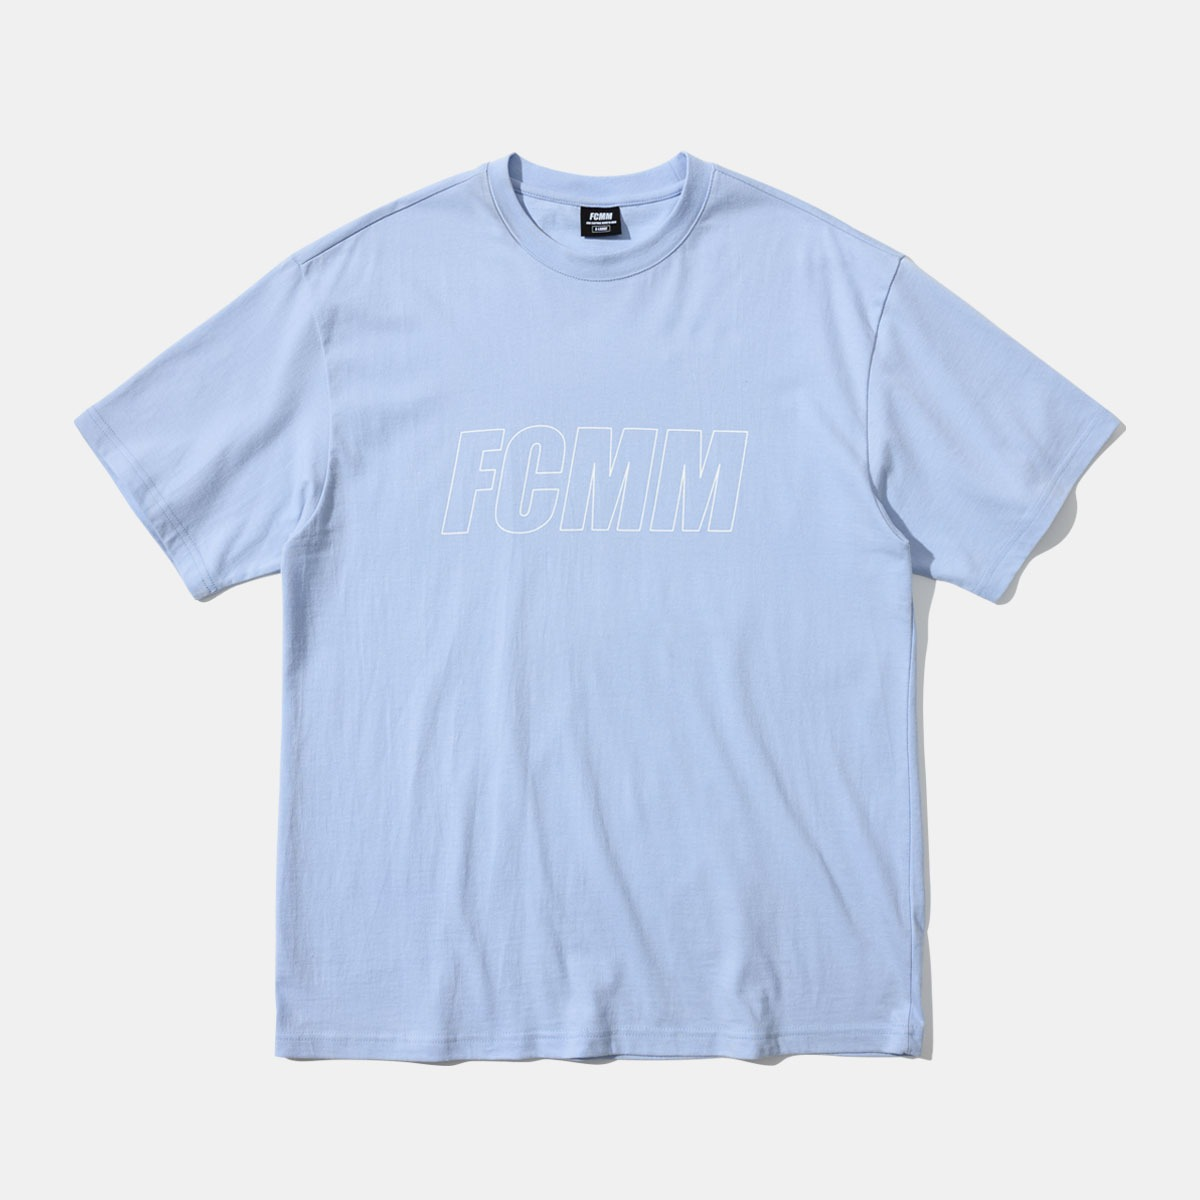 리니어 로고 티셔츠 - 스카이 블루